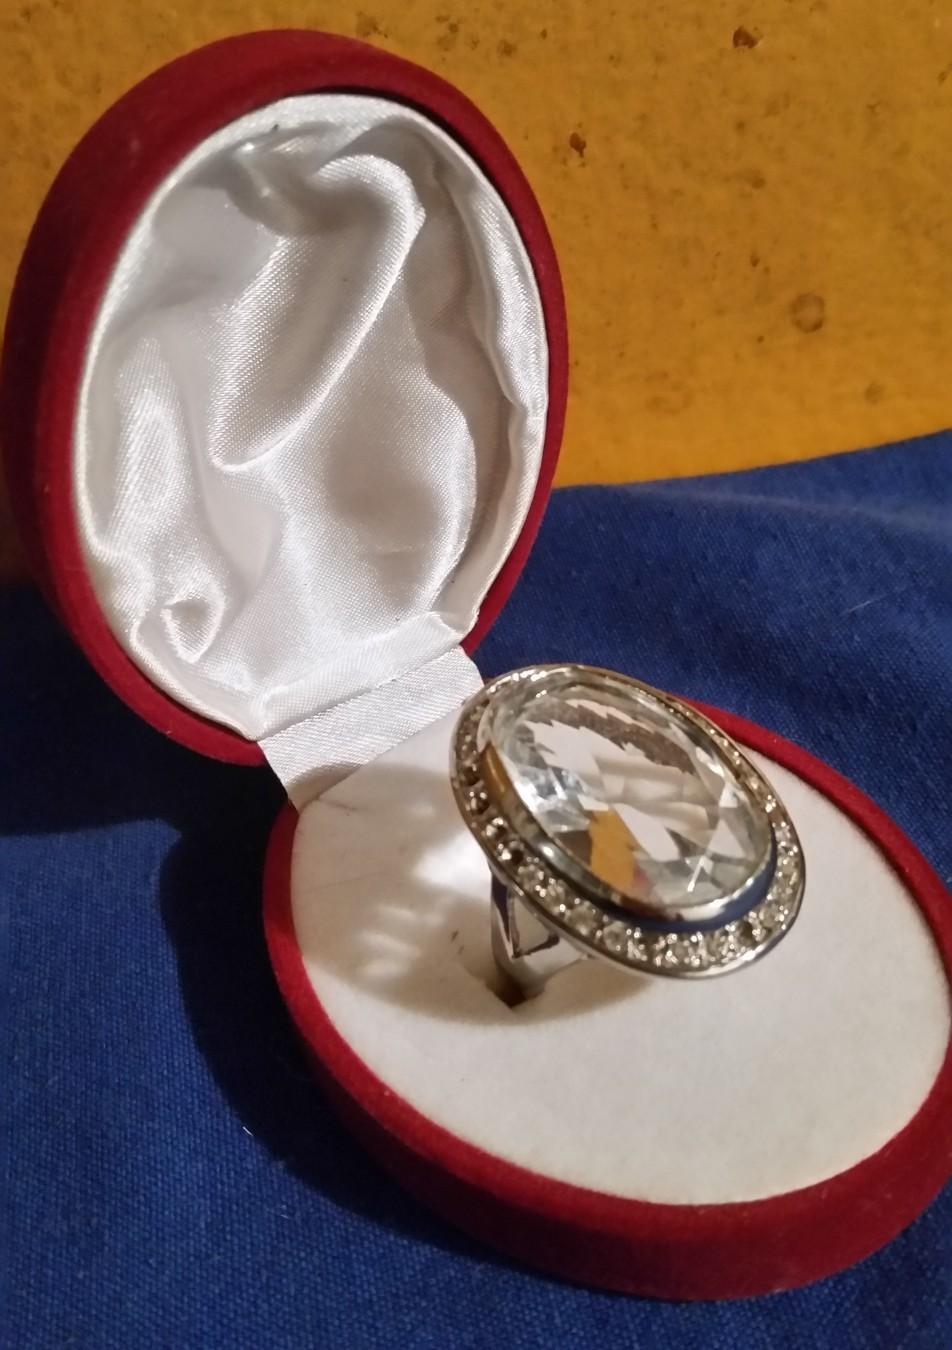 [Slika: Moj-je-prsten-Svicarskaaa-_slika_O_93650017.jpg]